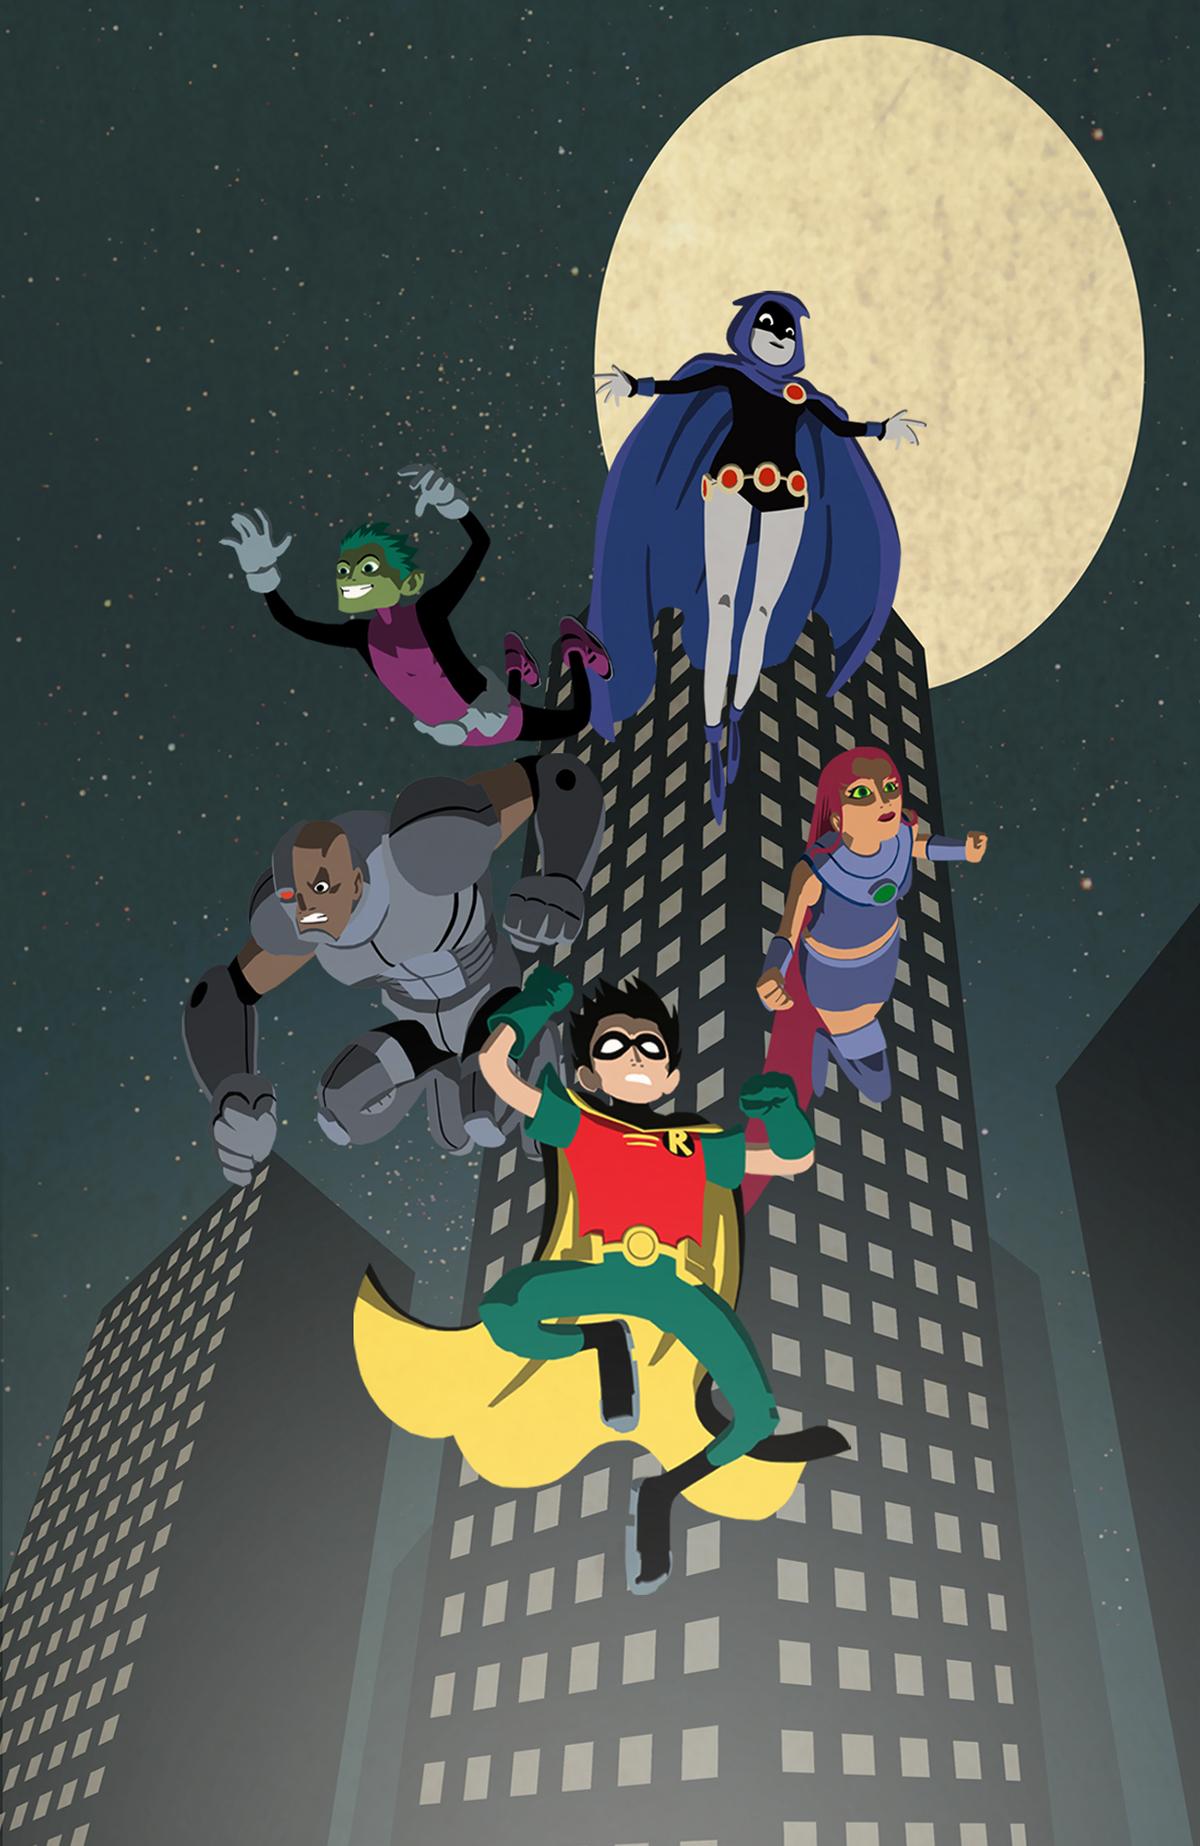 Teen Titans Go on Behance